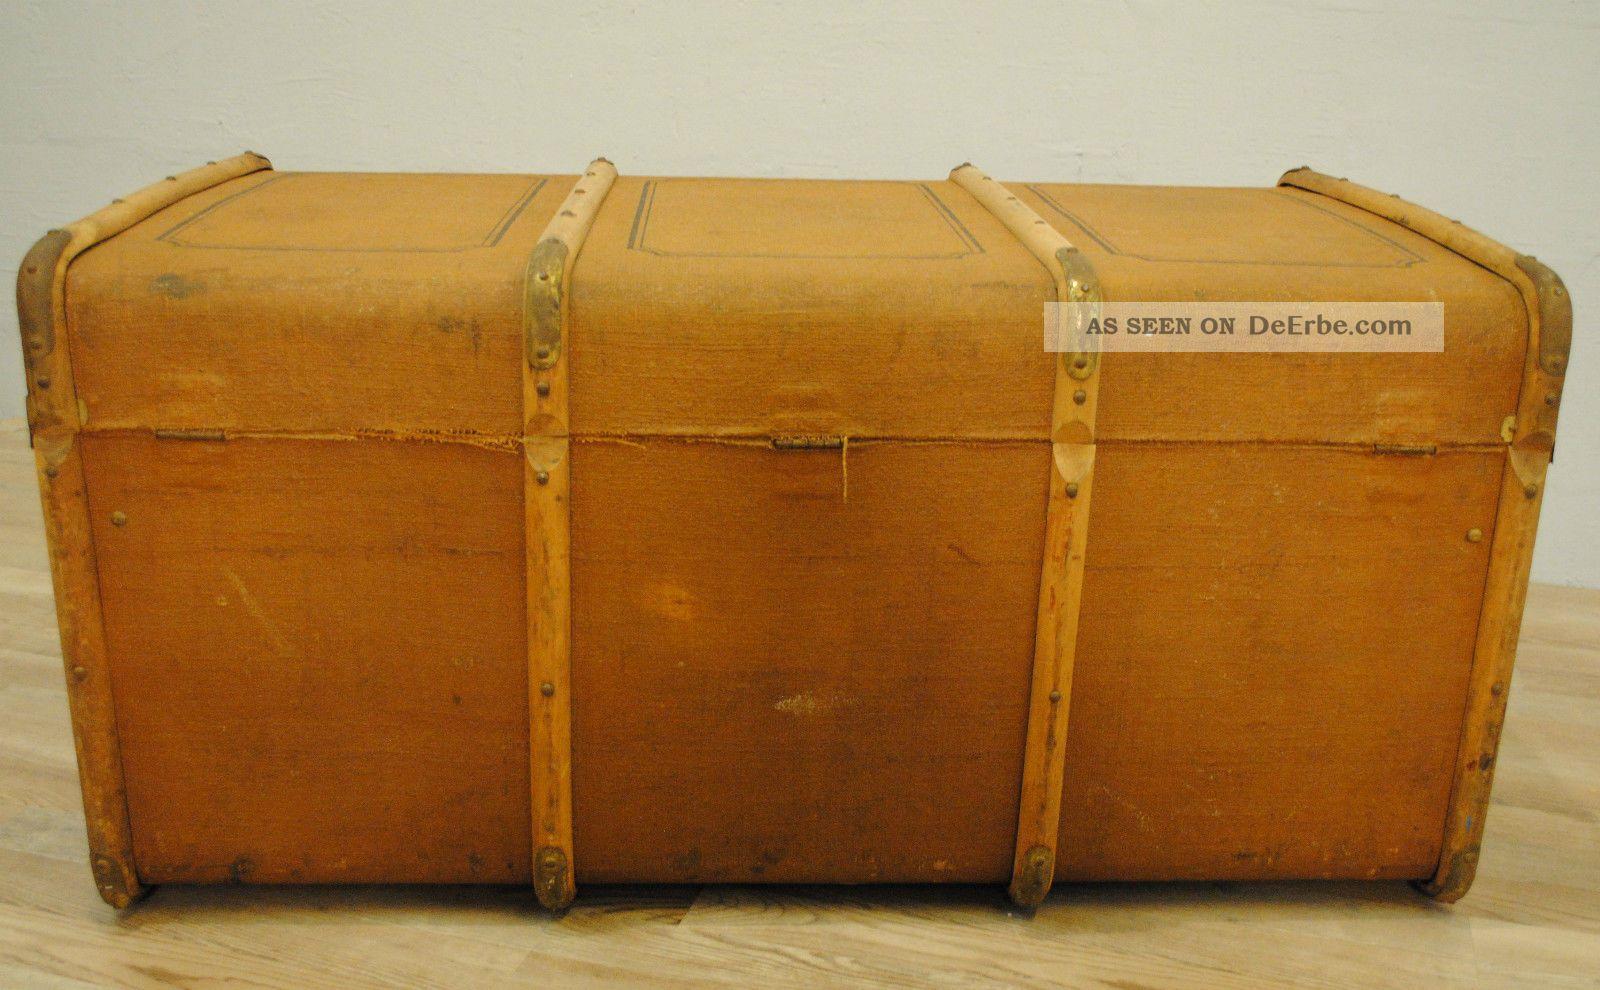 bersee koffer reisekoffer um 1900 l nge 100 cm tiefe 58. Black Bedroom Furniture Sets. Home Design Ideas